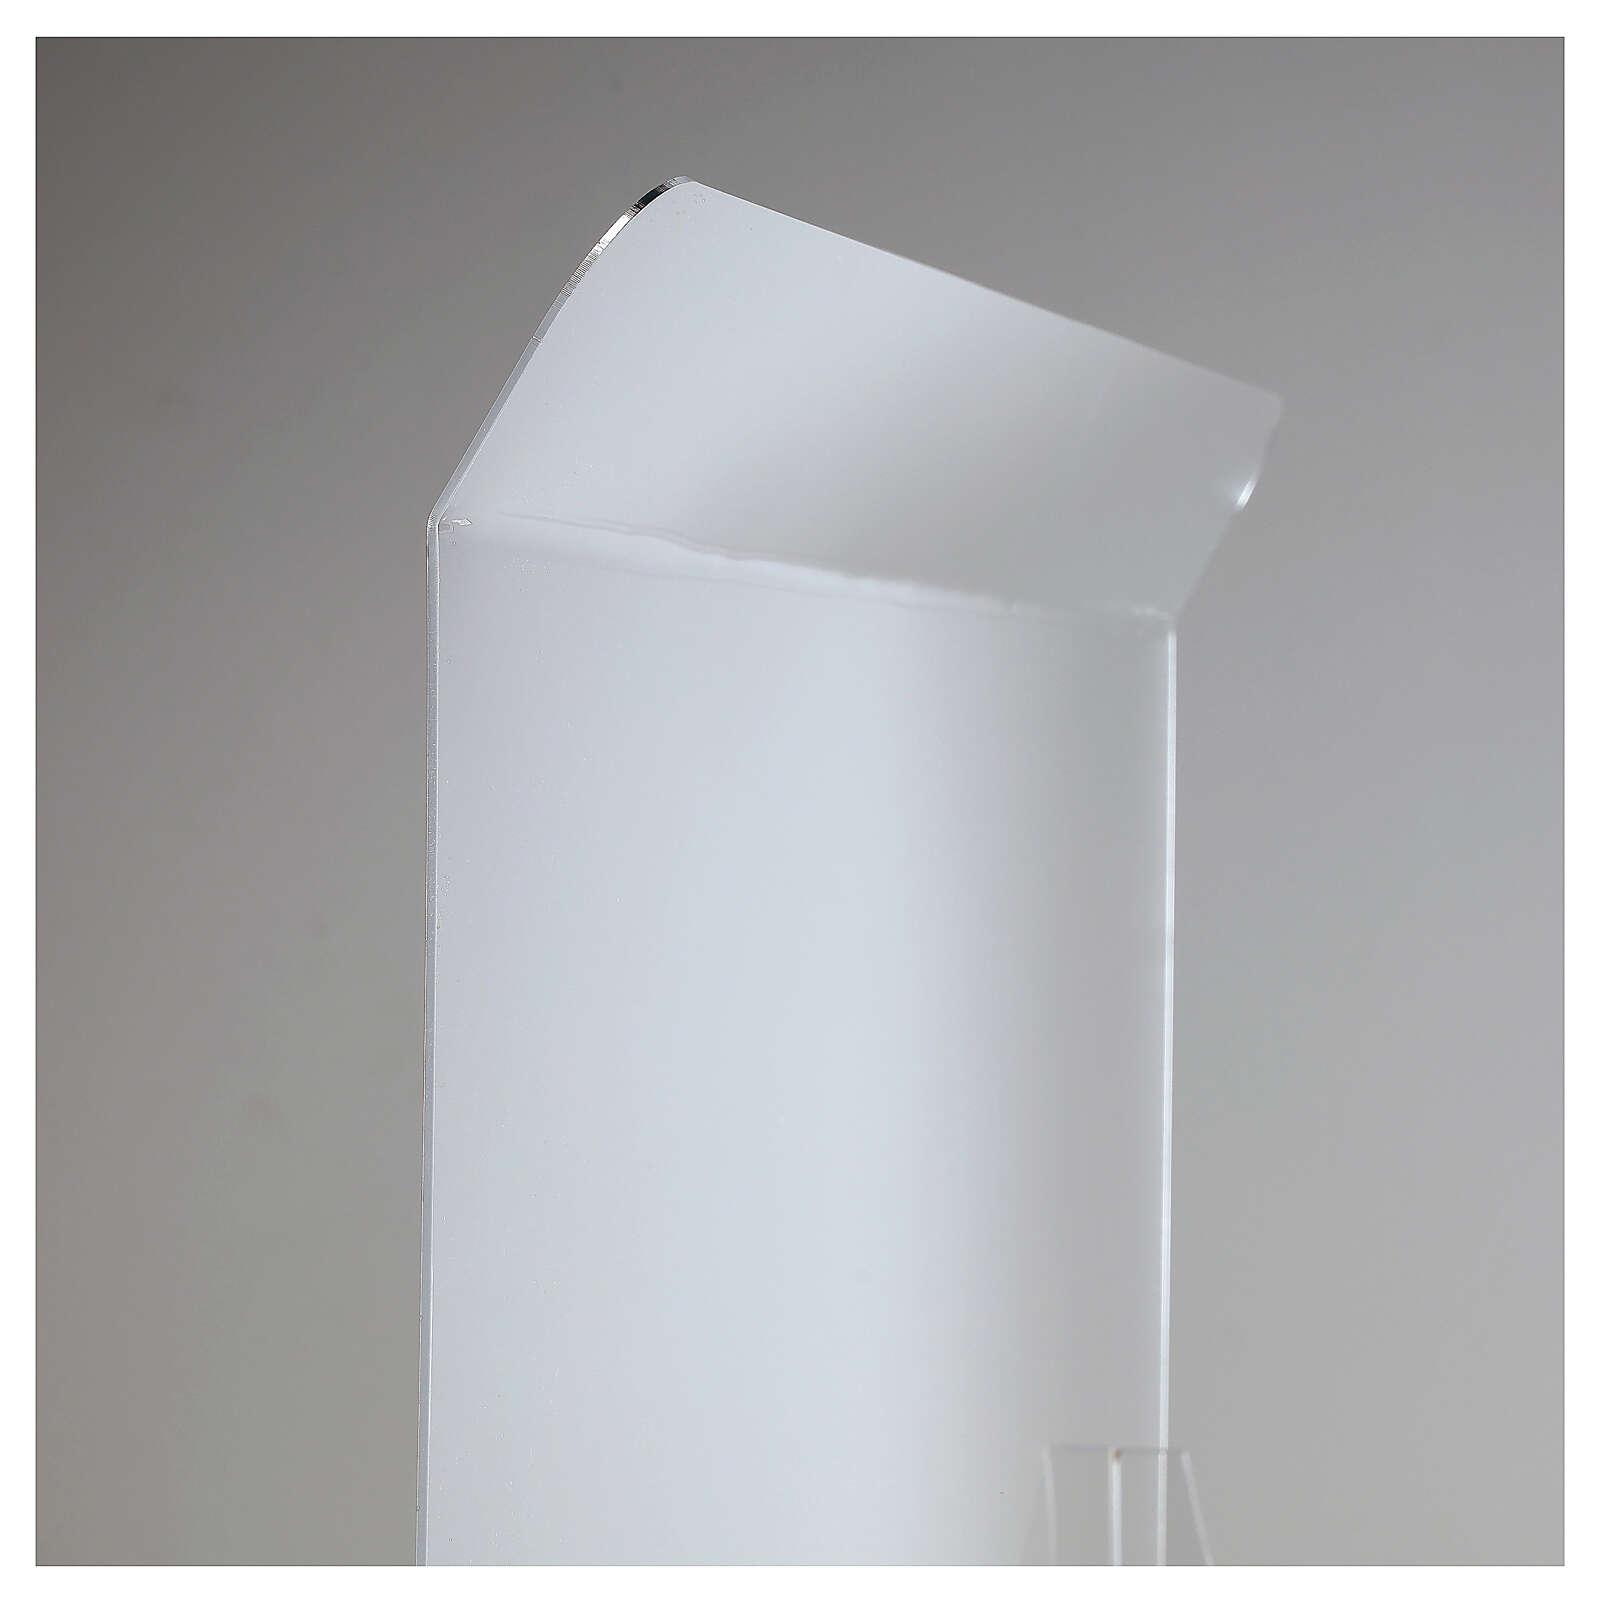 Przegroda ochronna antywirusowa pleksiglas 80x100 cm okno 30x50 cm 3